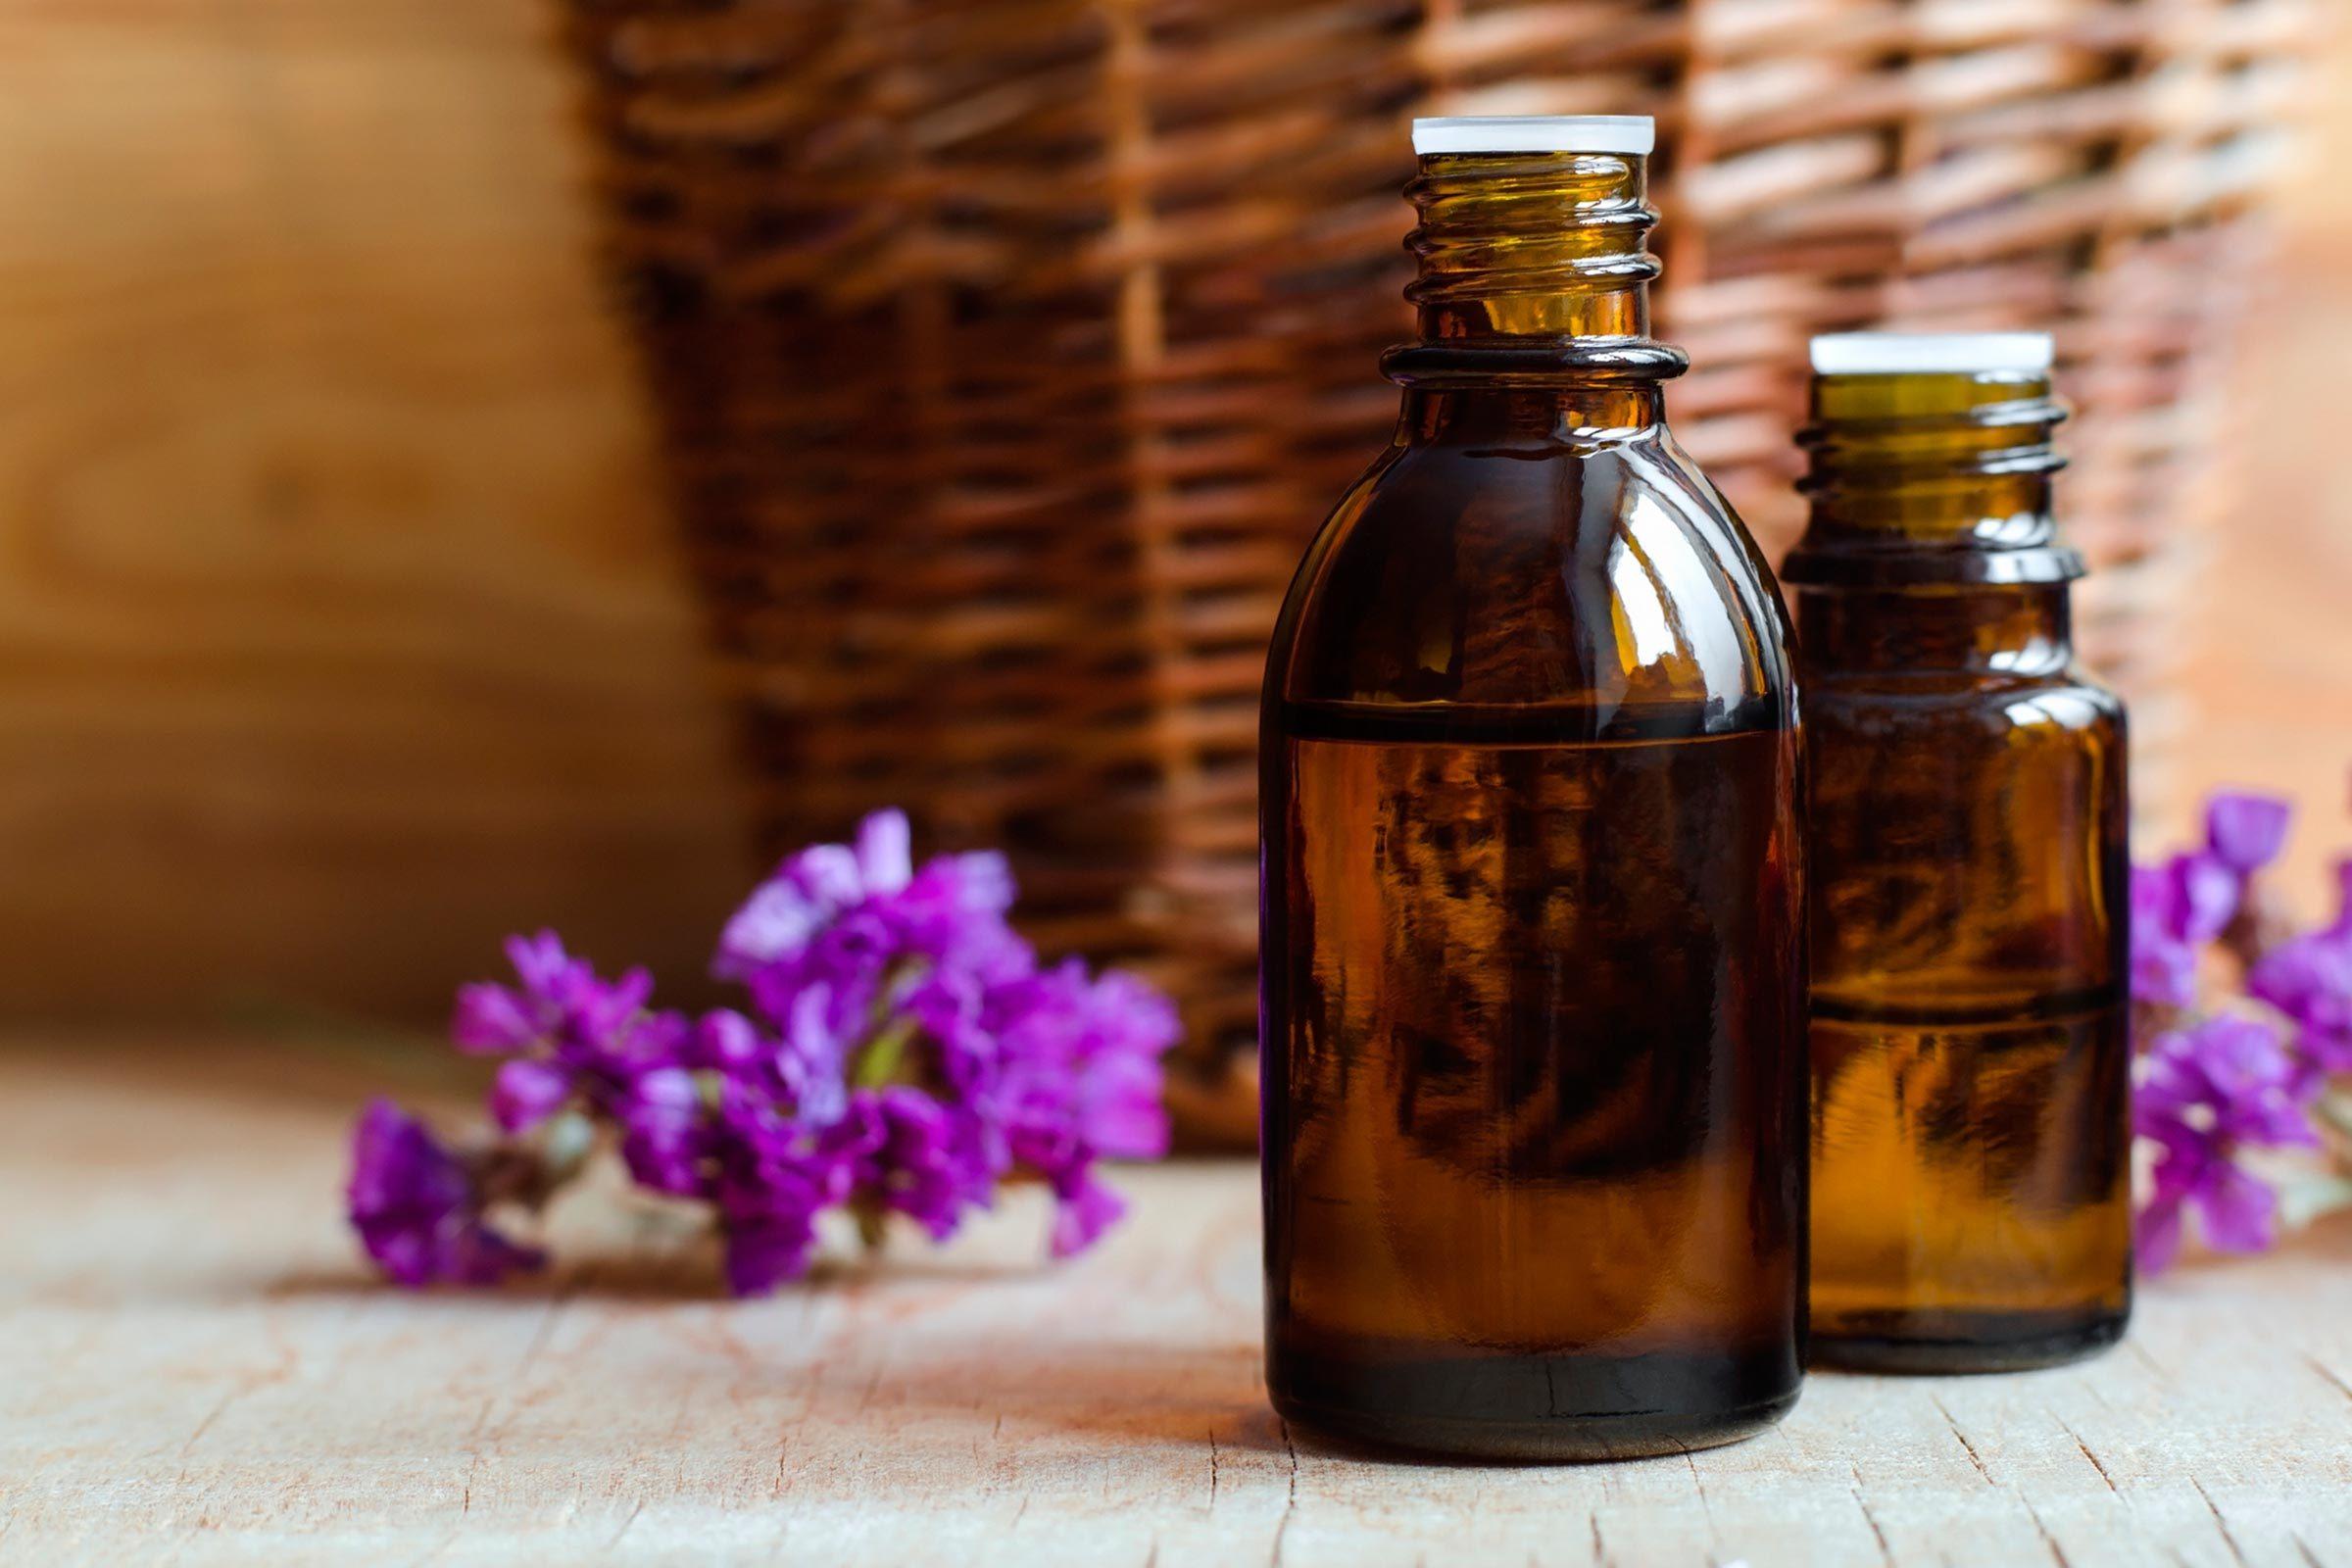 Les huiles essentielles ne donnent pas systématiquement des boutons